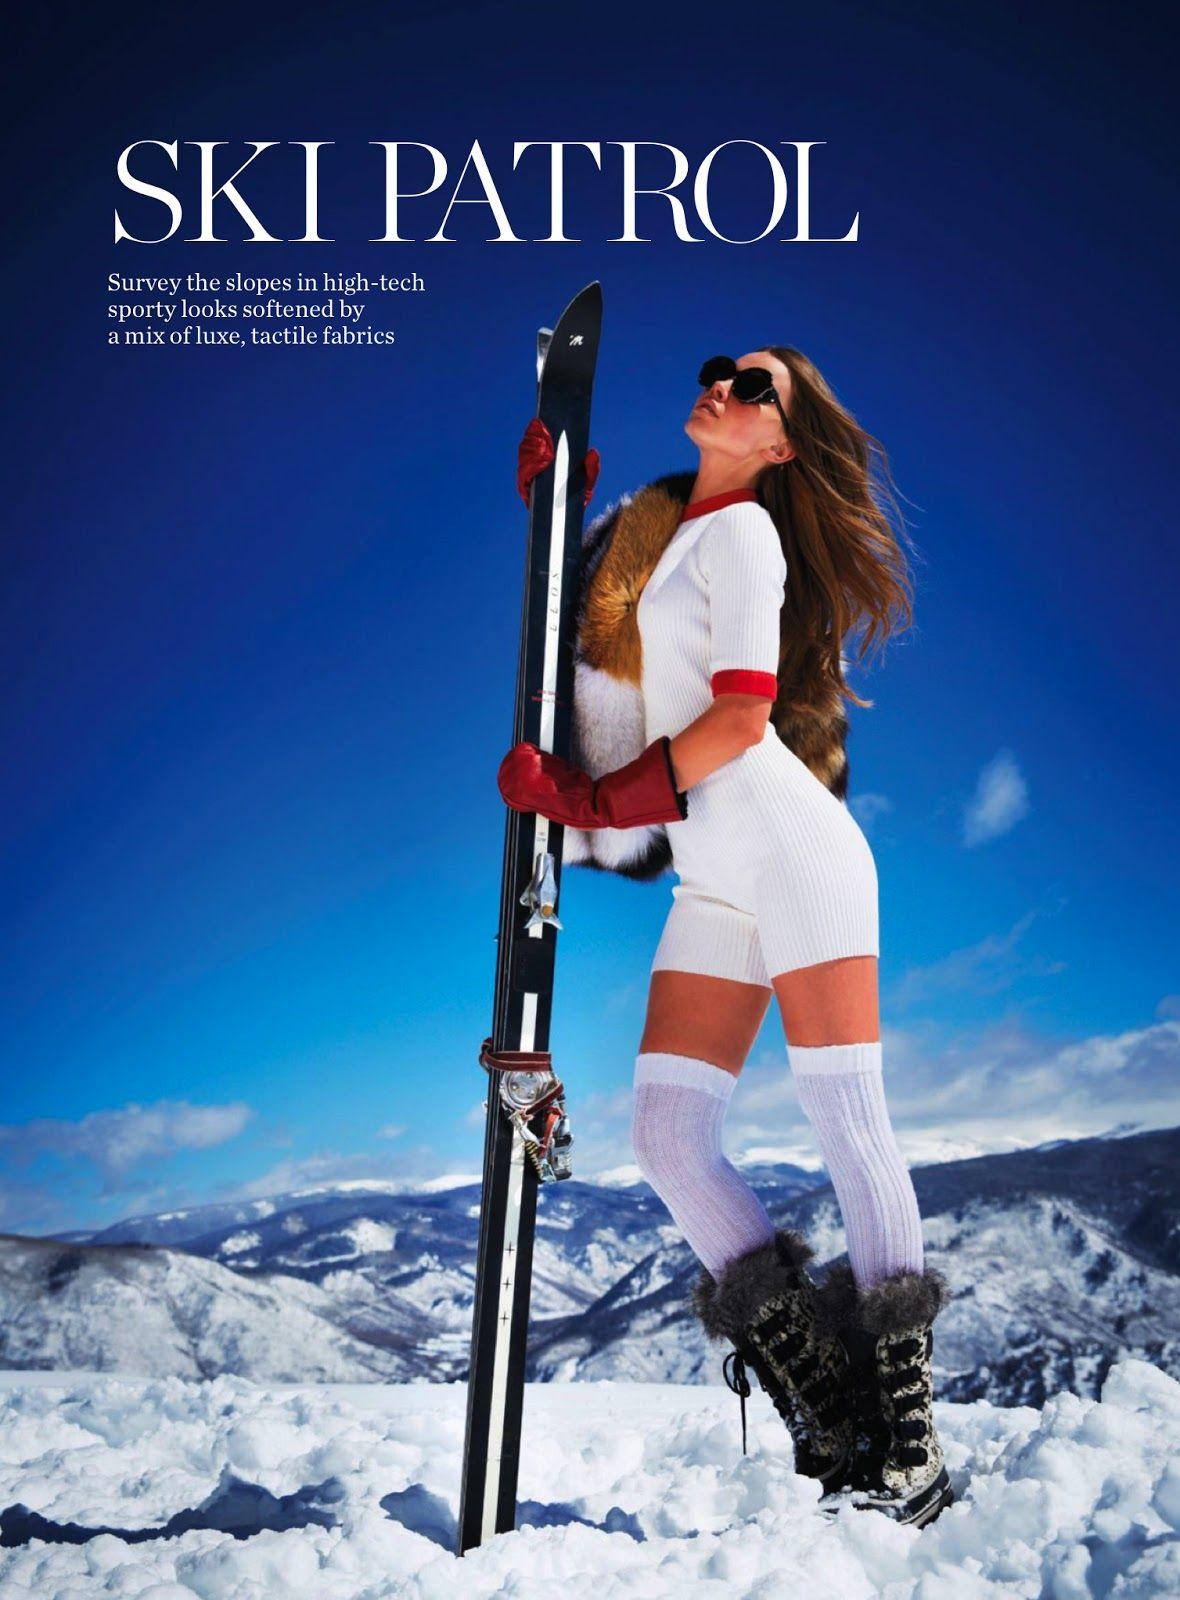 Ski Patrol Serafima Kobzeva By Rick Truscott For Marie Claire Australia July 2013 Visual Optimis Editorial Fashion Marie Claire Australia Winter Ski Fashion